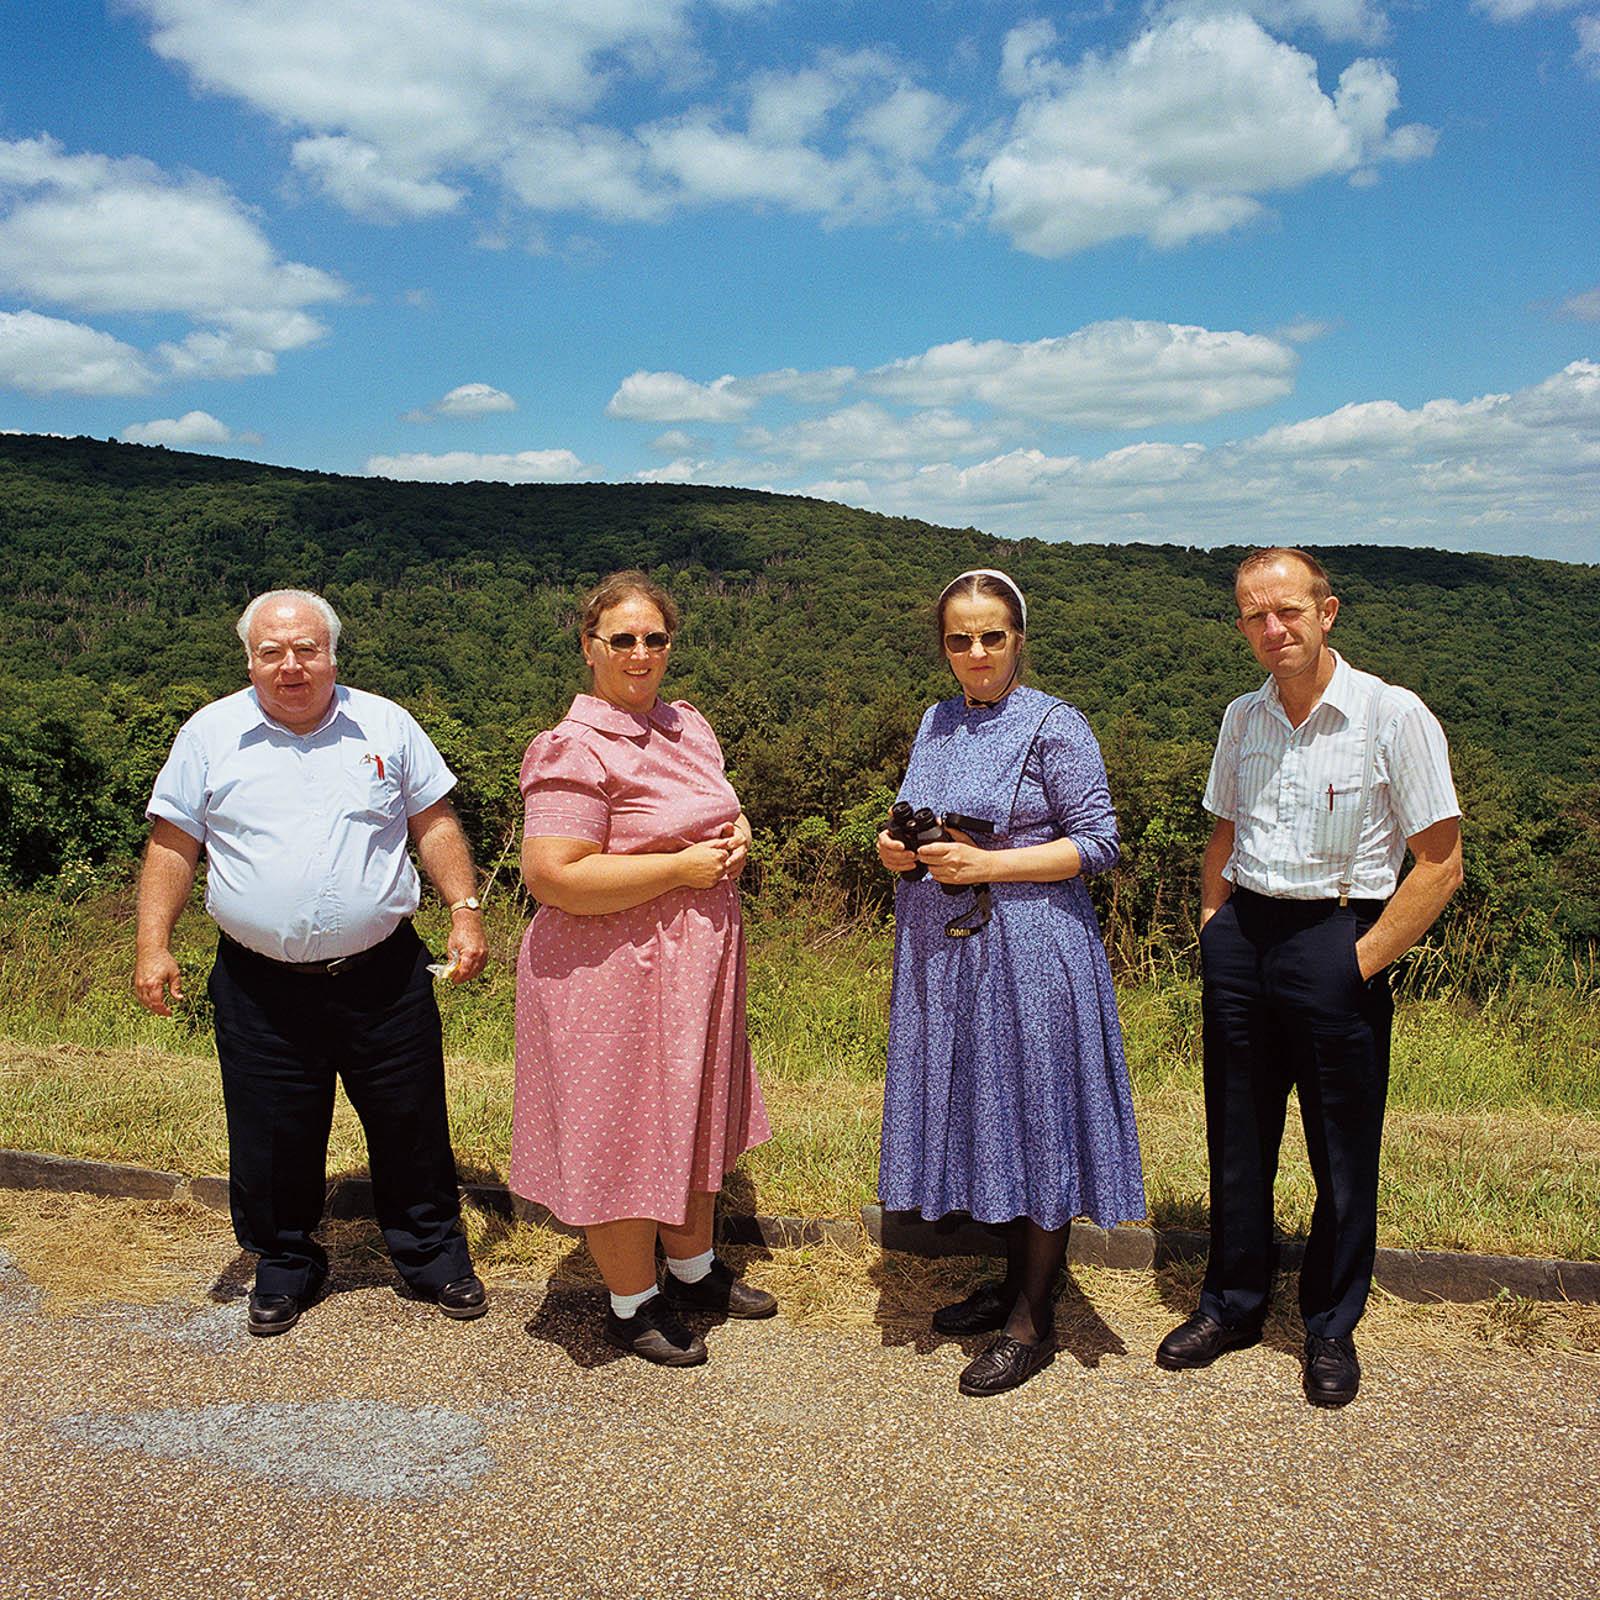 Hutterite Couples at Shenandoah National Park, Virginia 1999